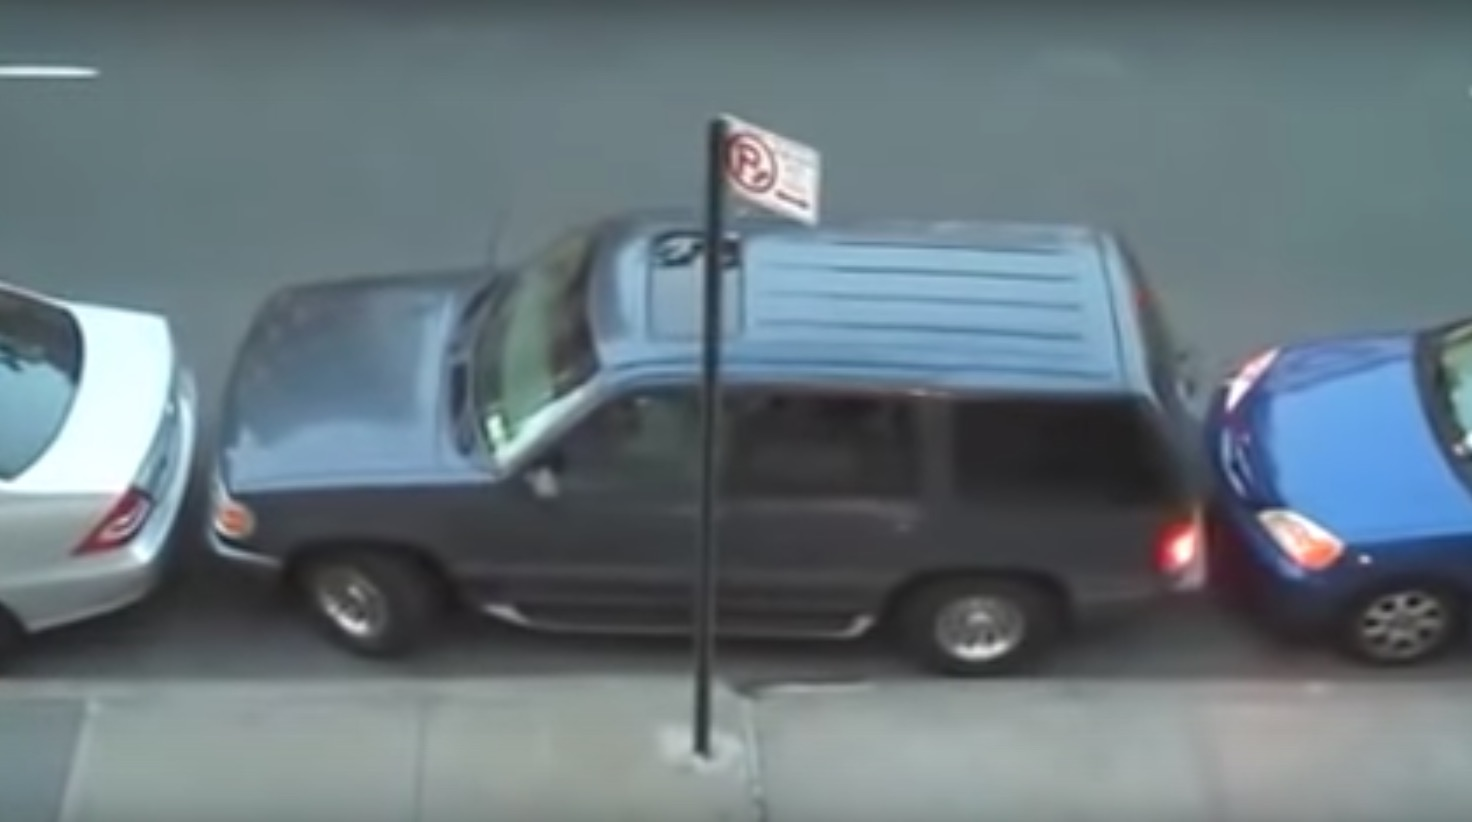 【神業】狭い隙間で前後を挟まれてしまった車が、素晴らしいテクニックで脱出!